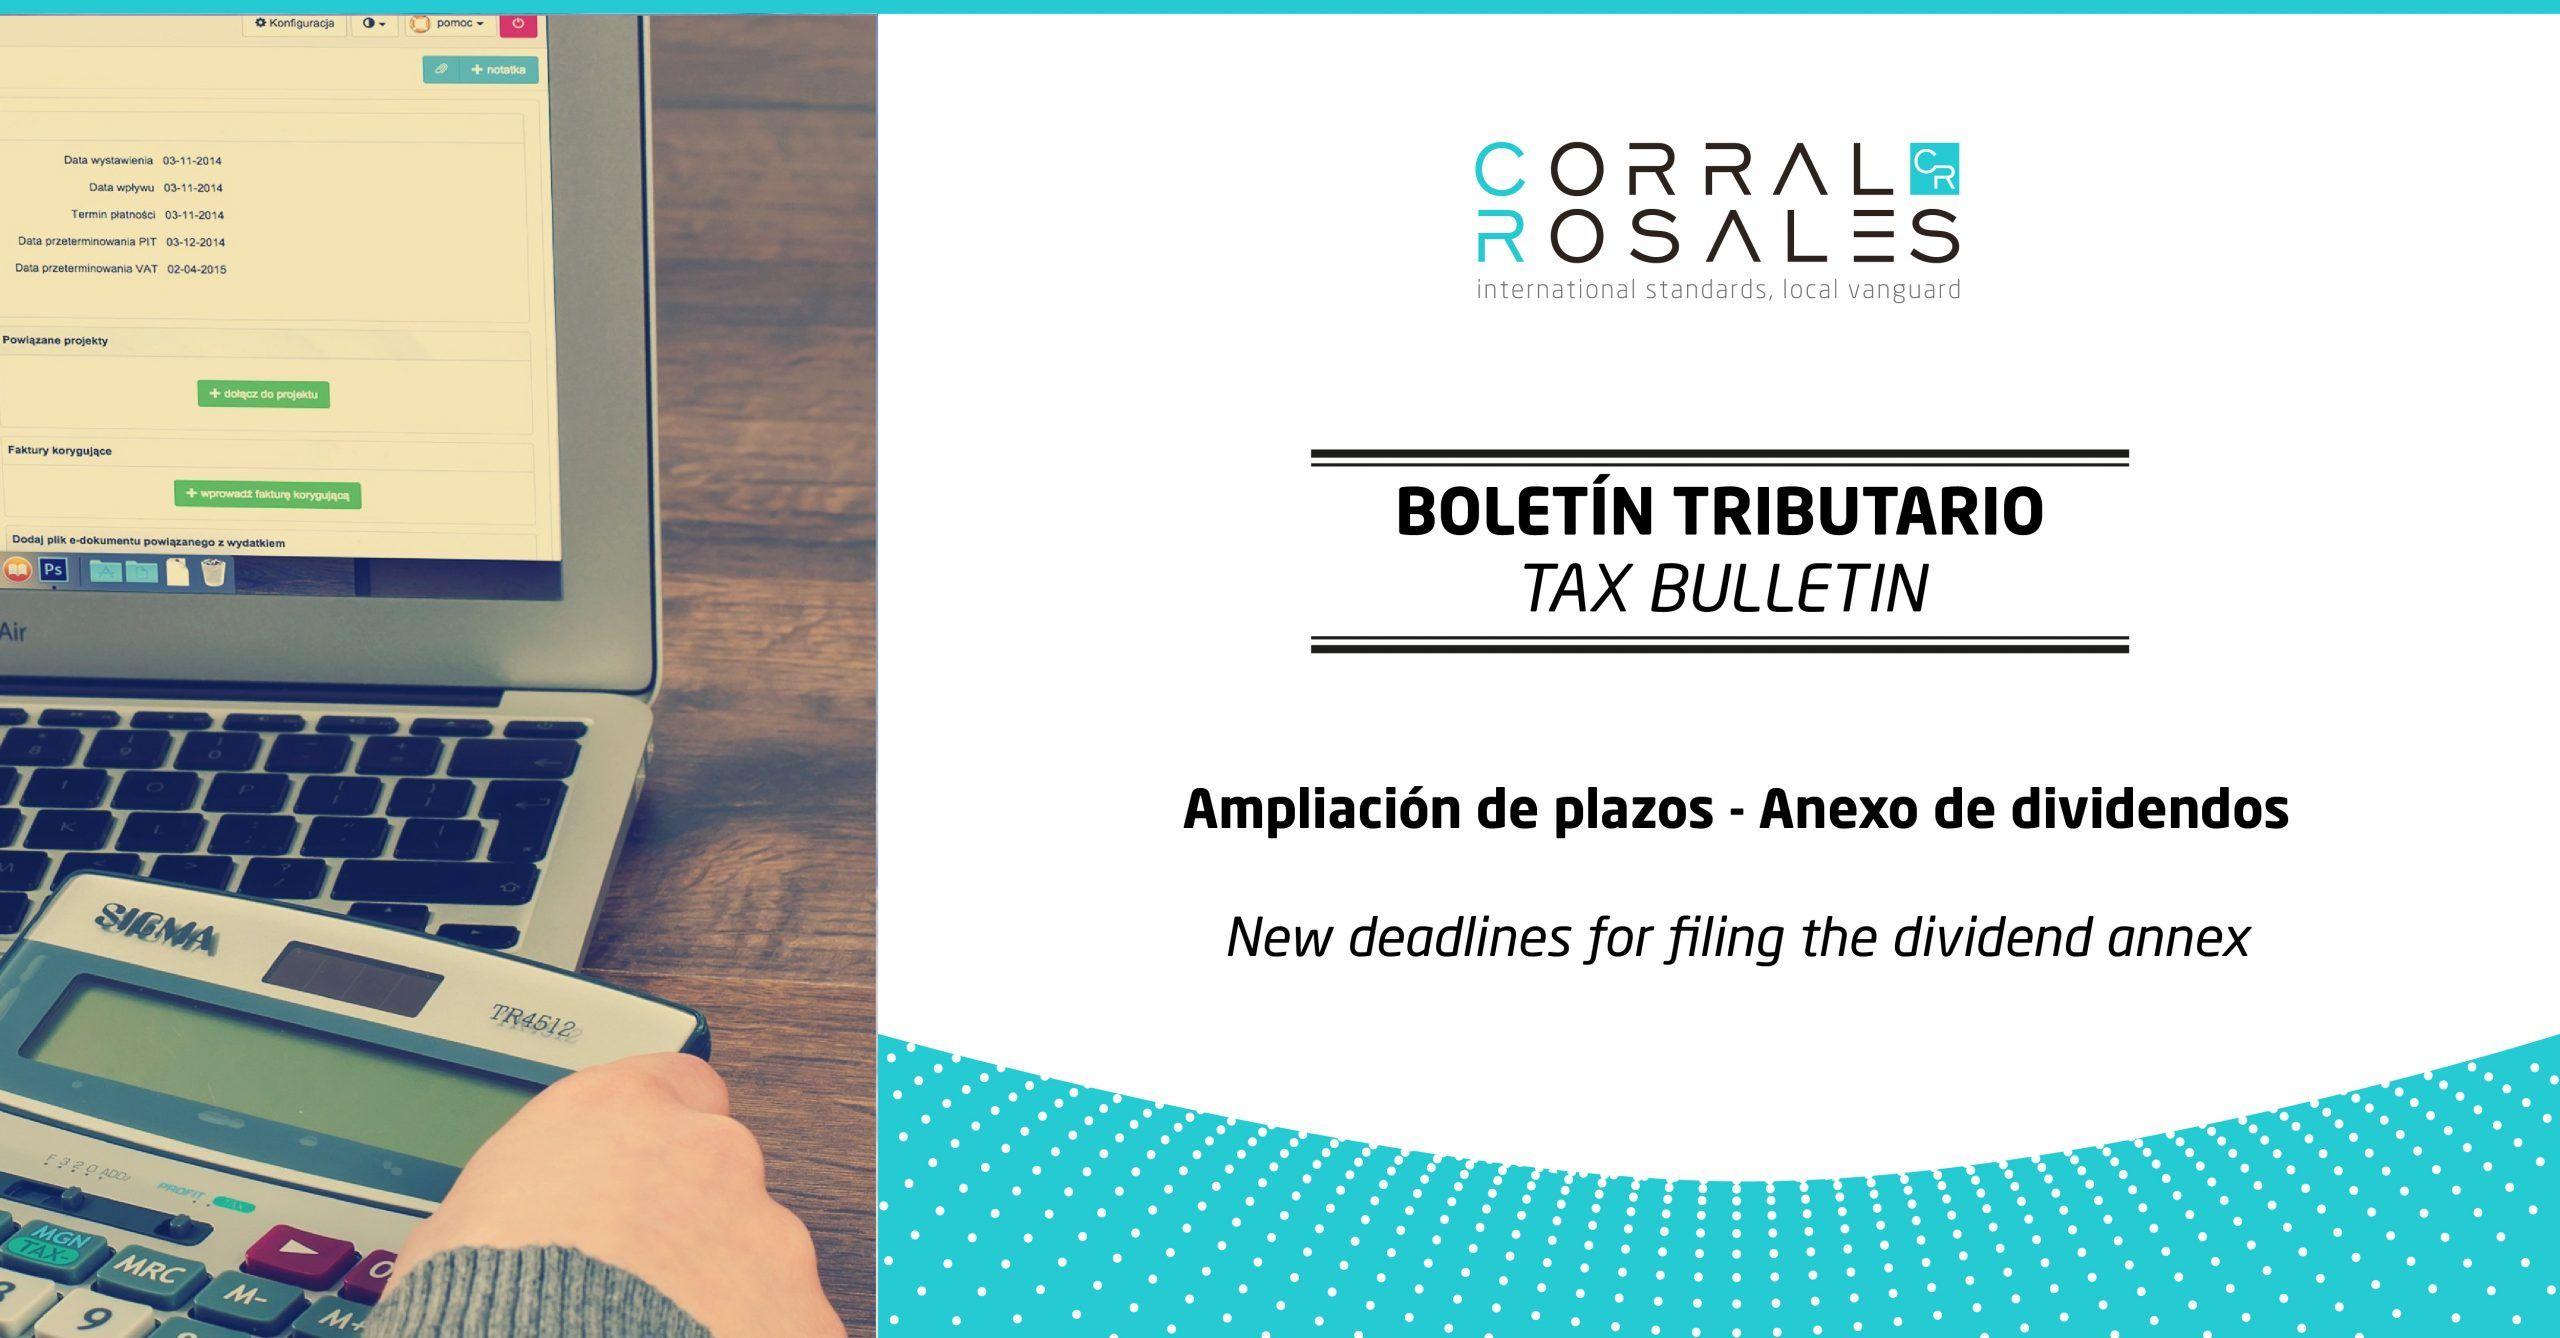 Boletín Tributario - Ampliación de plazos - Anexo de dividendos - CorralRosales - Abogados Ecuador